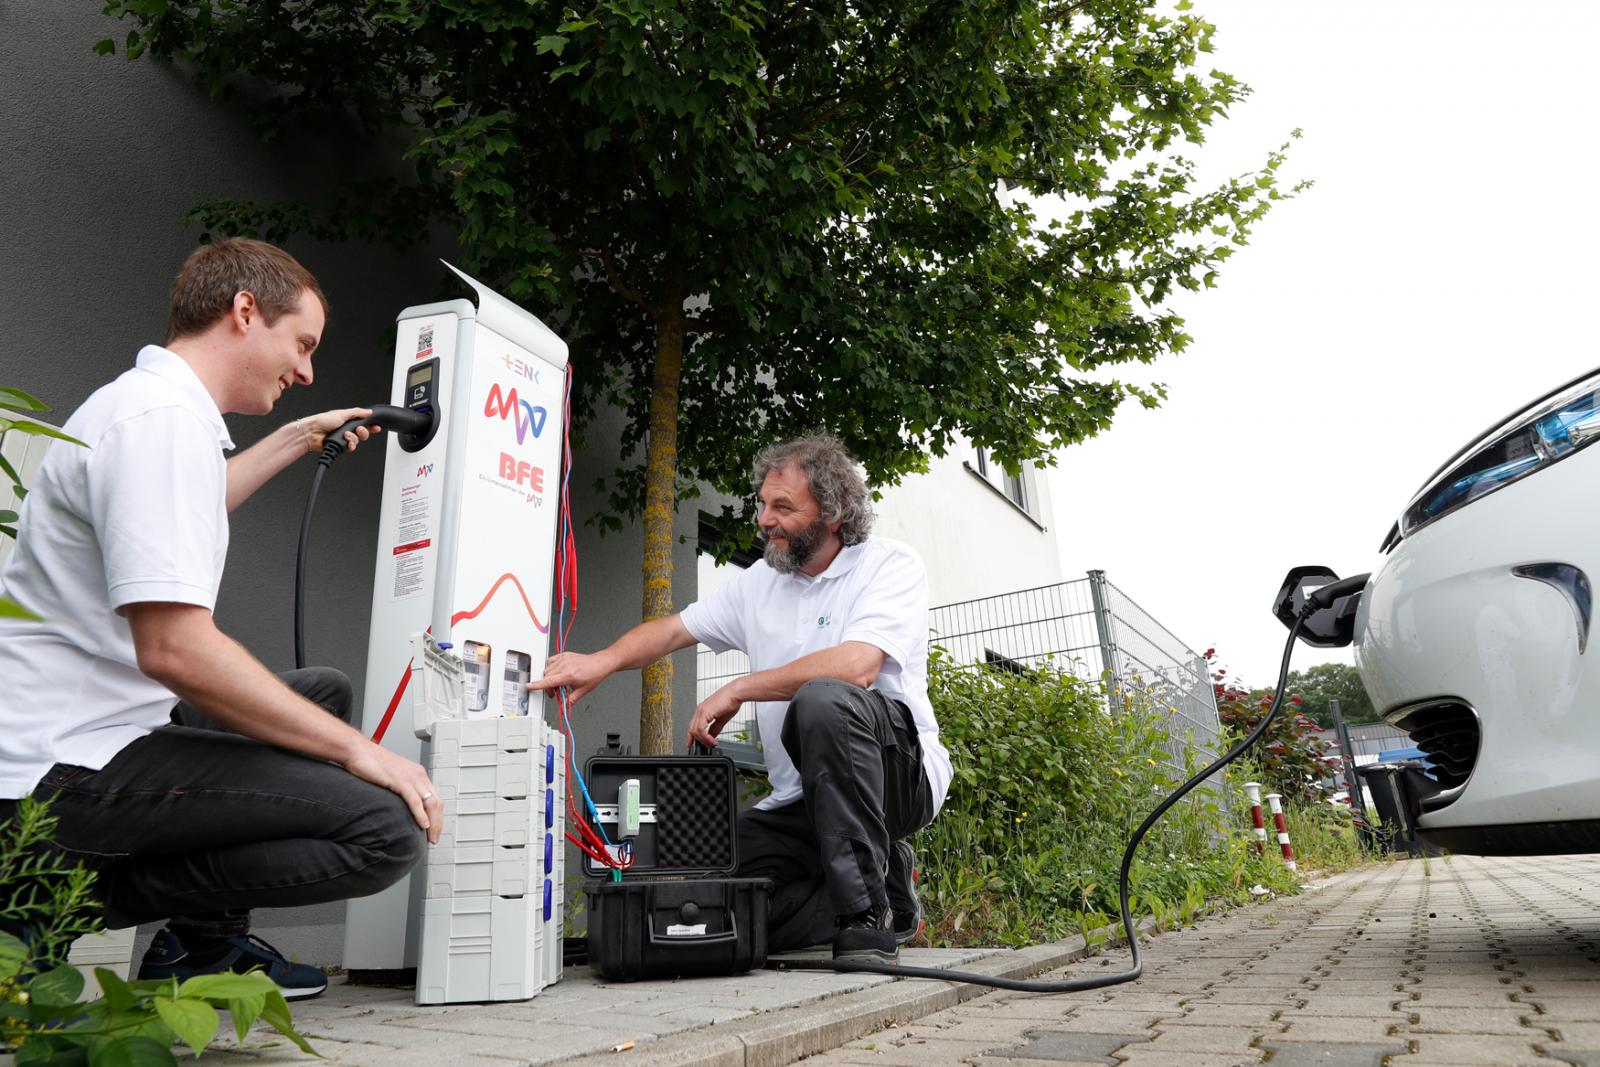 Zwei Techniker an der Ladesäule, Ladestecker im E-Auto